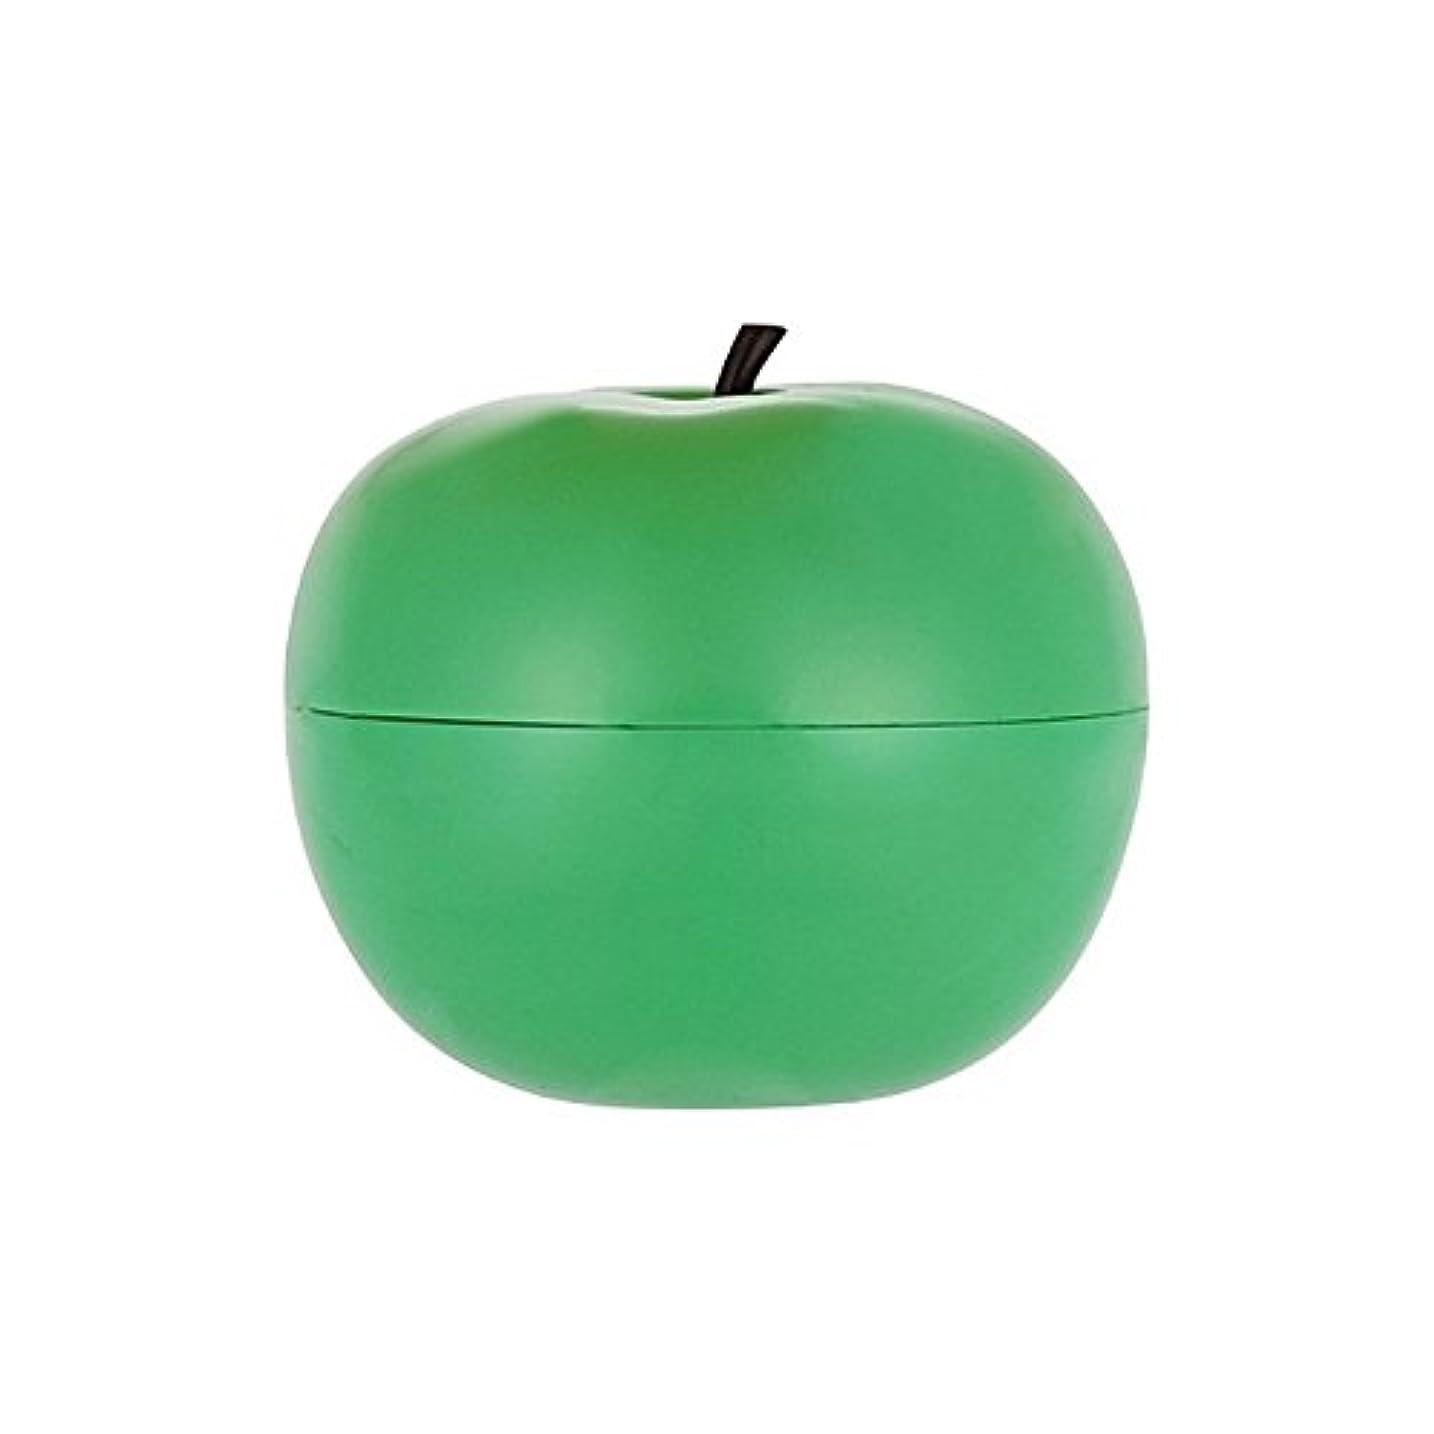 説得ボット熟読するTony Moly Appletox Smooth Massage Peeling Cream 80G (Pack of 6) - トニーモリースムーズマッサージピーリングクリーム80グラム x6 [並行輸入品]